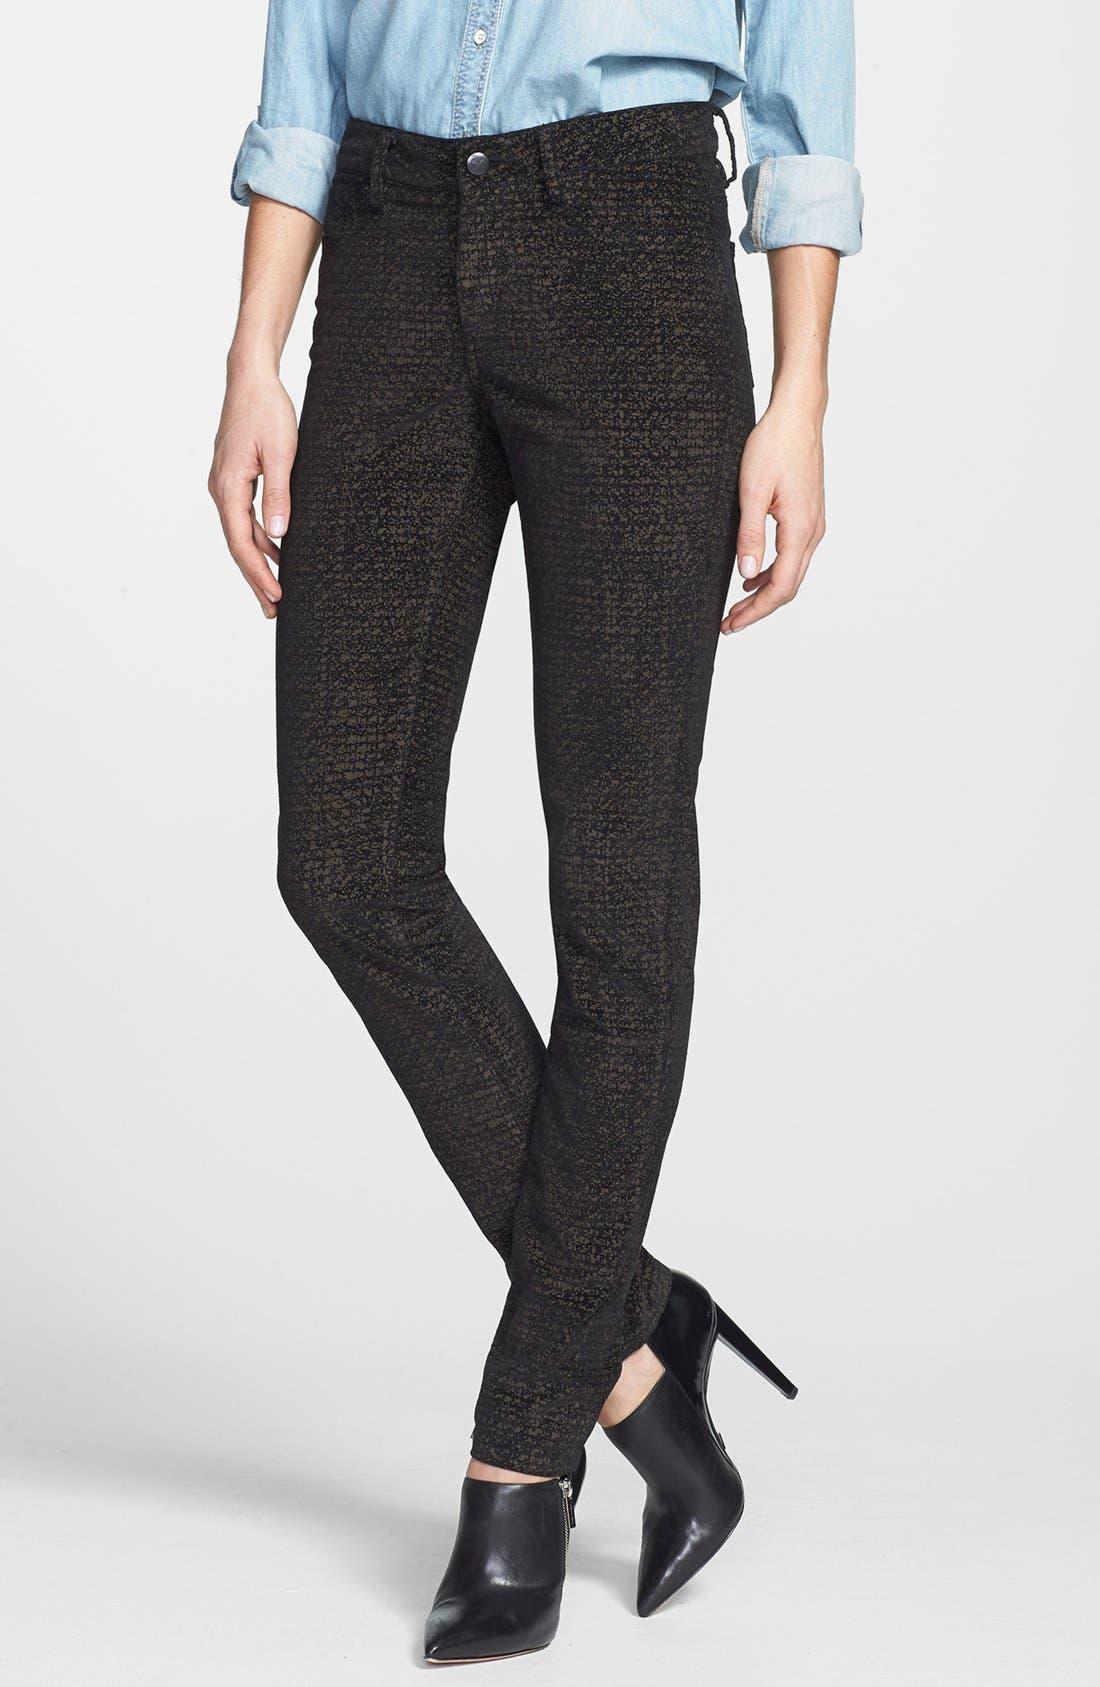 Alternate Image 1 Selected - Christopher Blue 'Sophia' Velvet Skinny Jeans (Black/Gold)